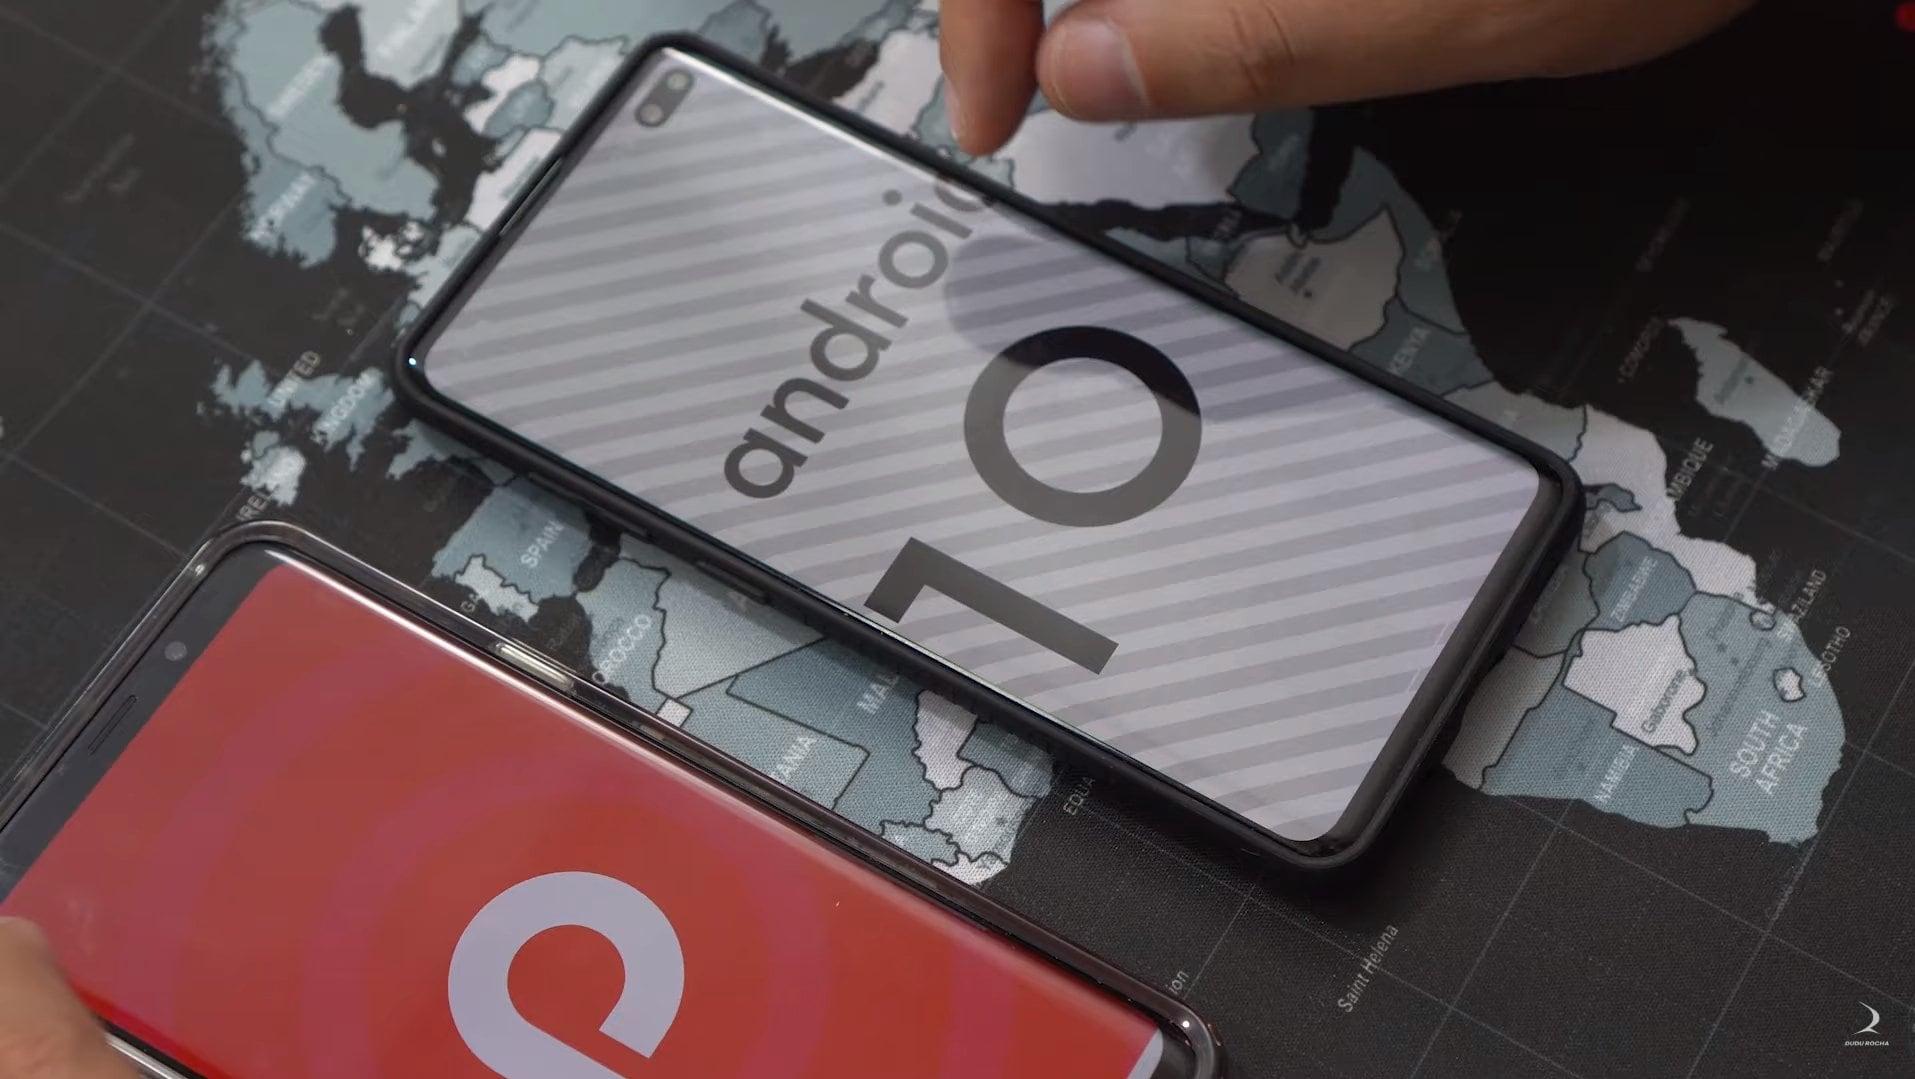 Android 10 per Samsung Note 10 e S10? Ecco quando partirà il programma di beta testing pubblico